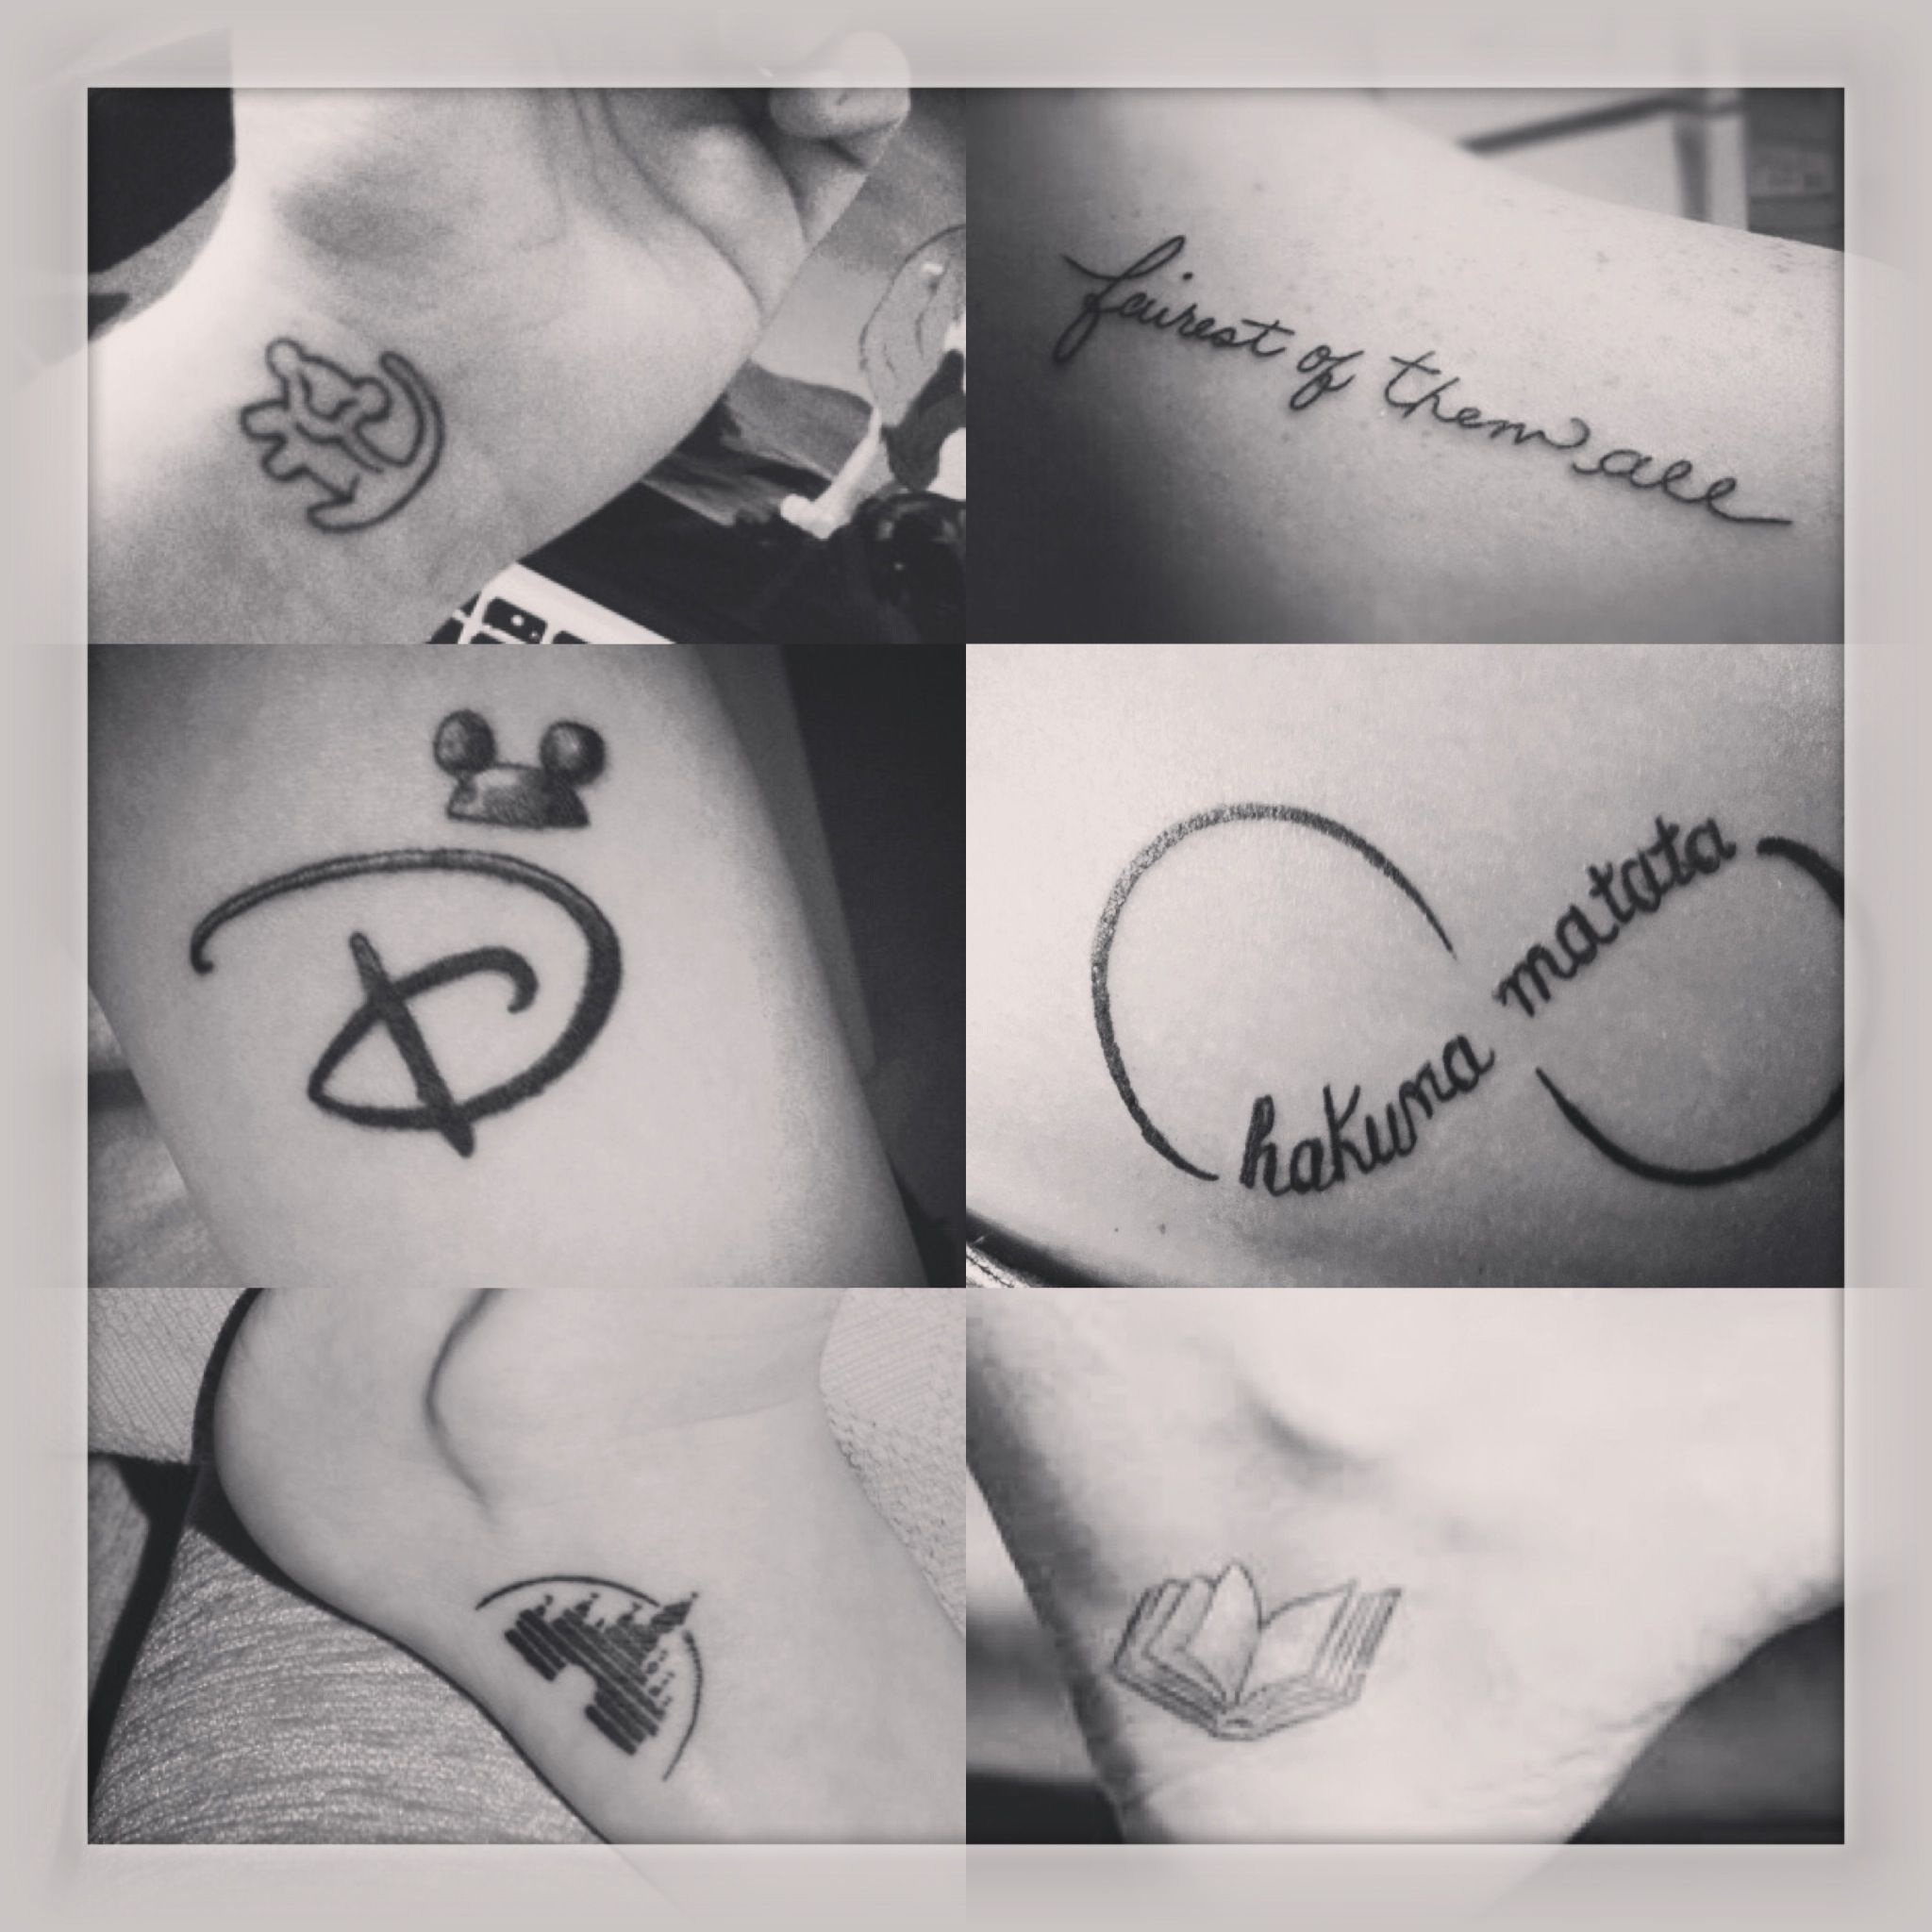 Disney tattoos and tattoo designs - Disney Tattoos I Want